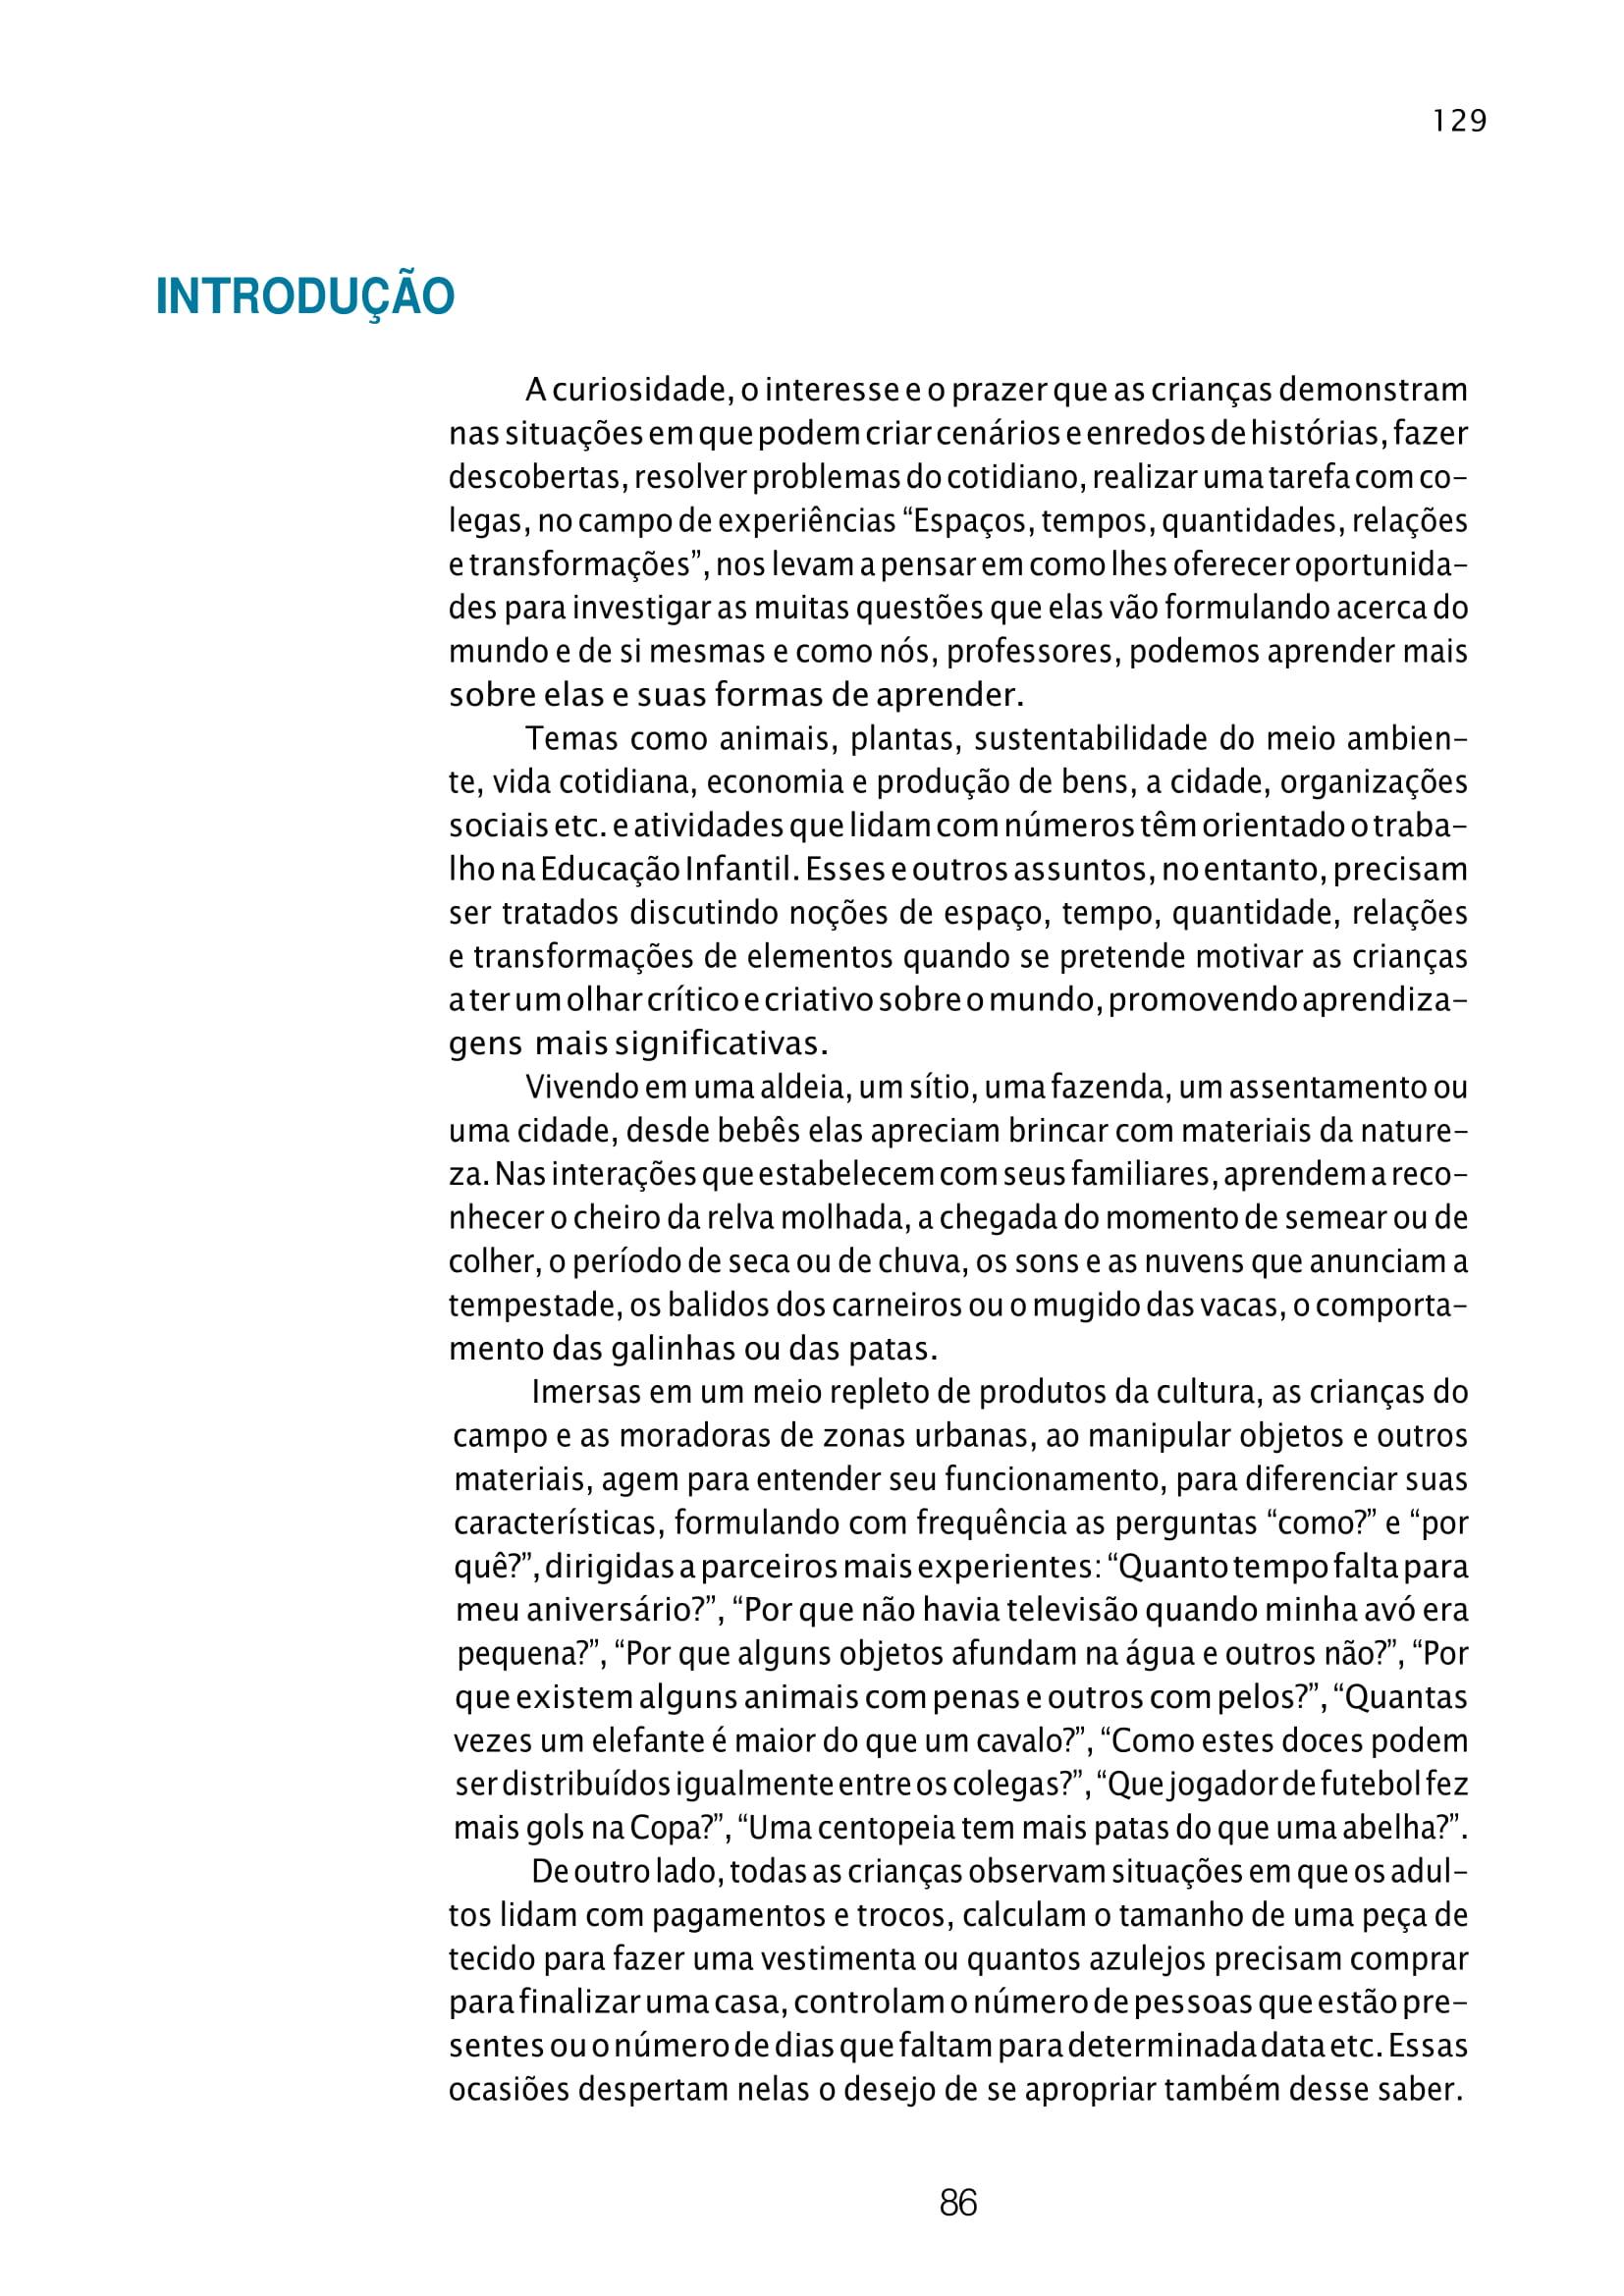 planejamento-educação-infantil-bncc-geral-159